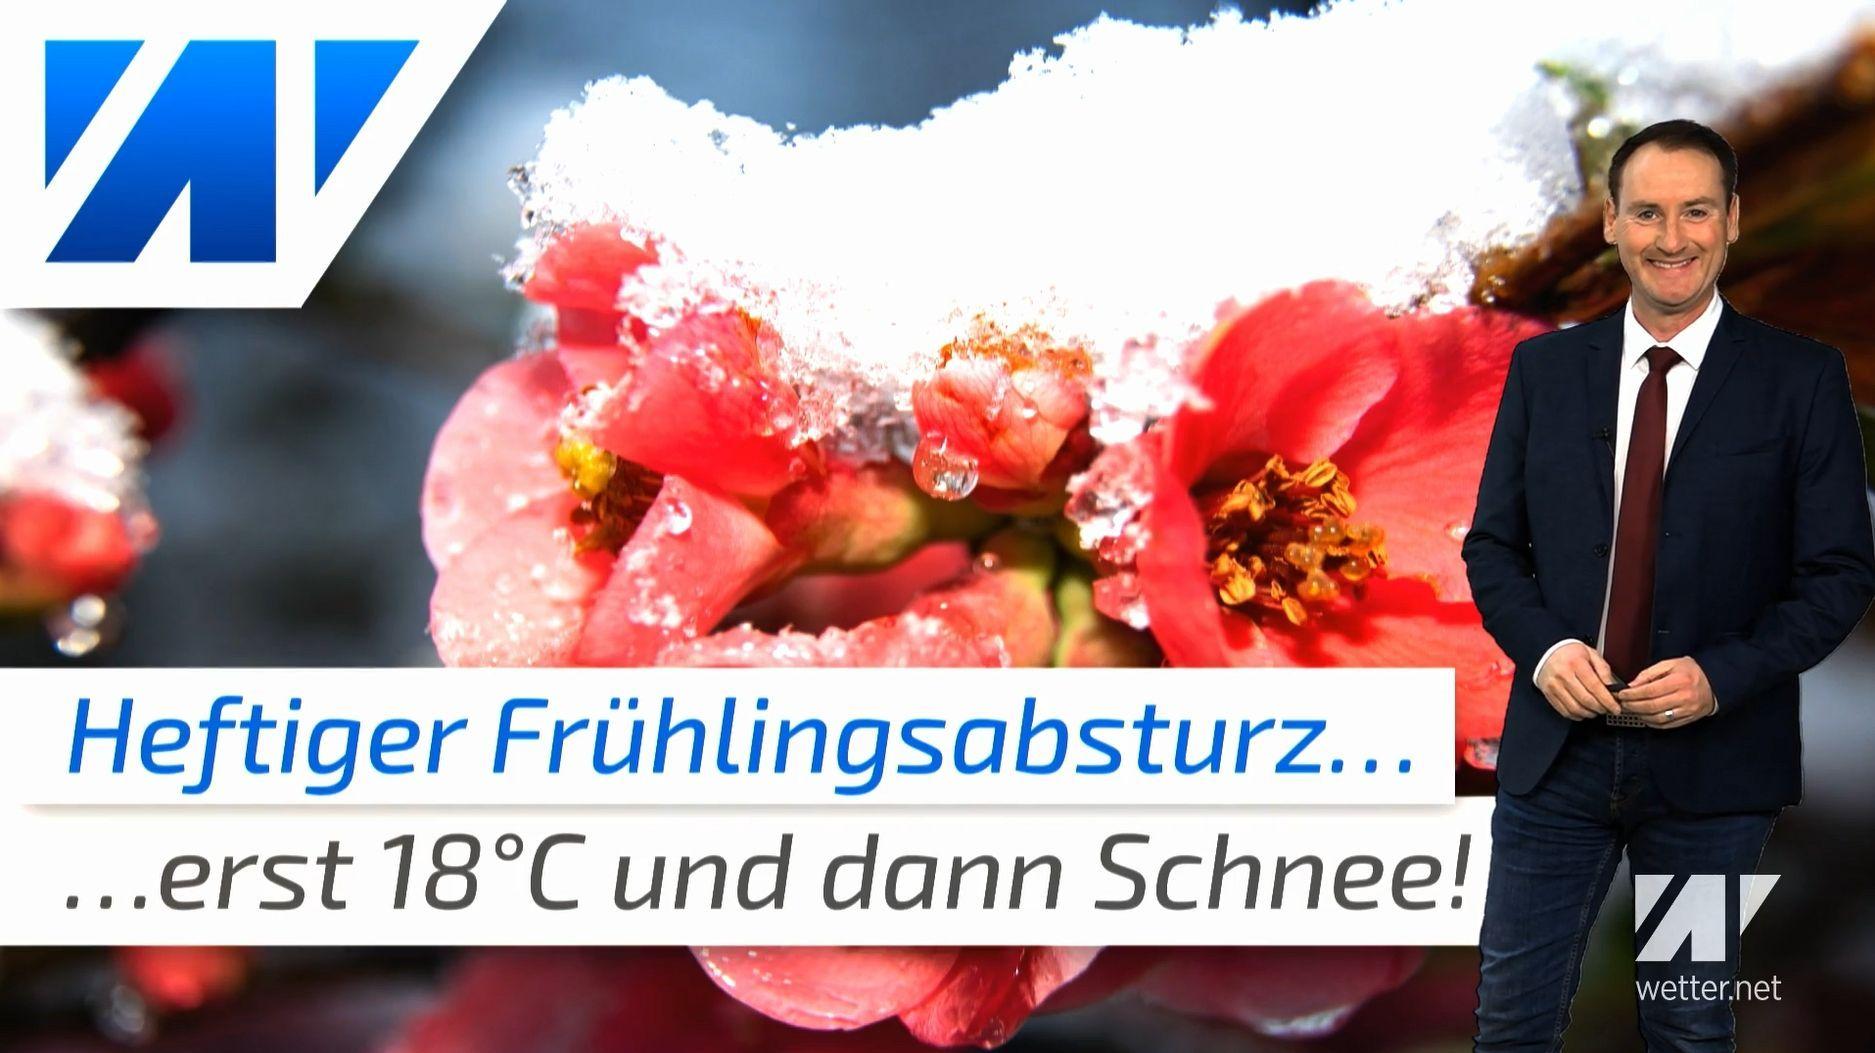 Ab Sonntag schlägt die Frostkeule zu! Der Frühling wird auf Eis gelegt!